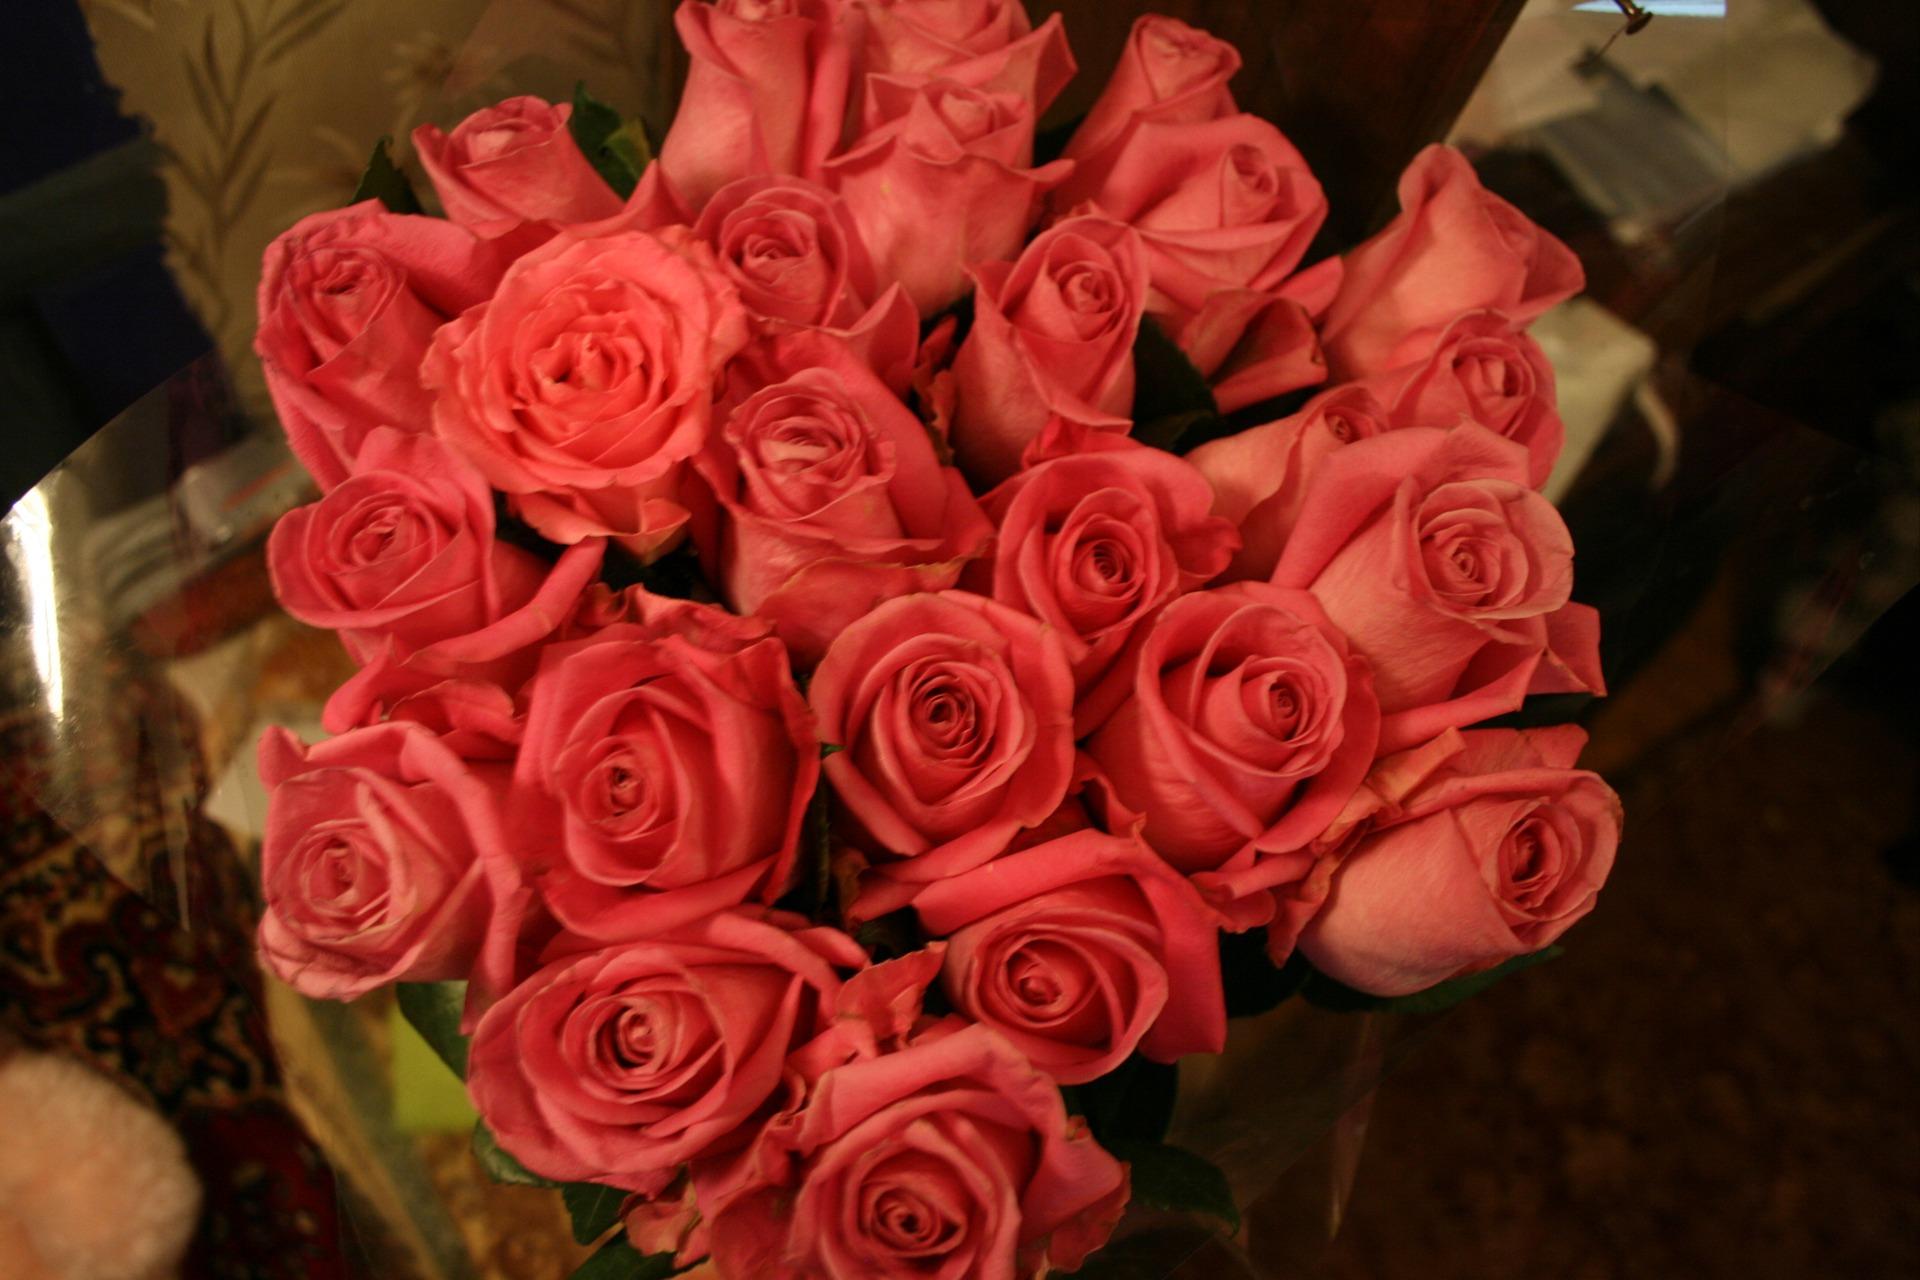 фото букет роз от любимого кладбища сообщали целых